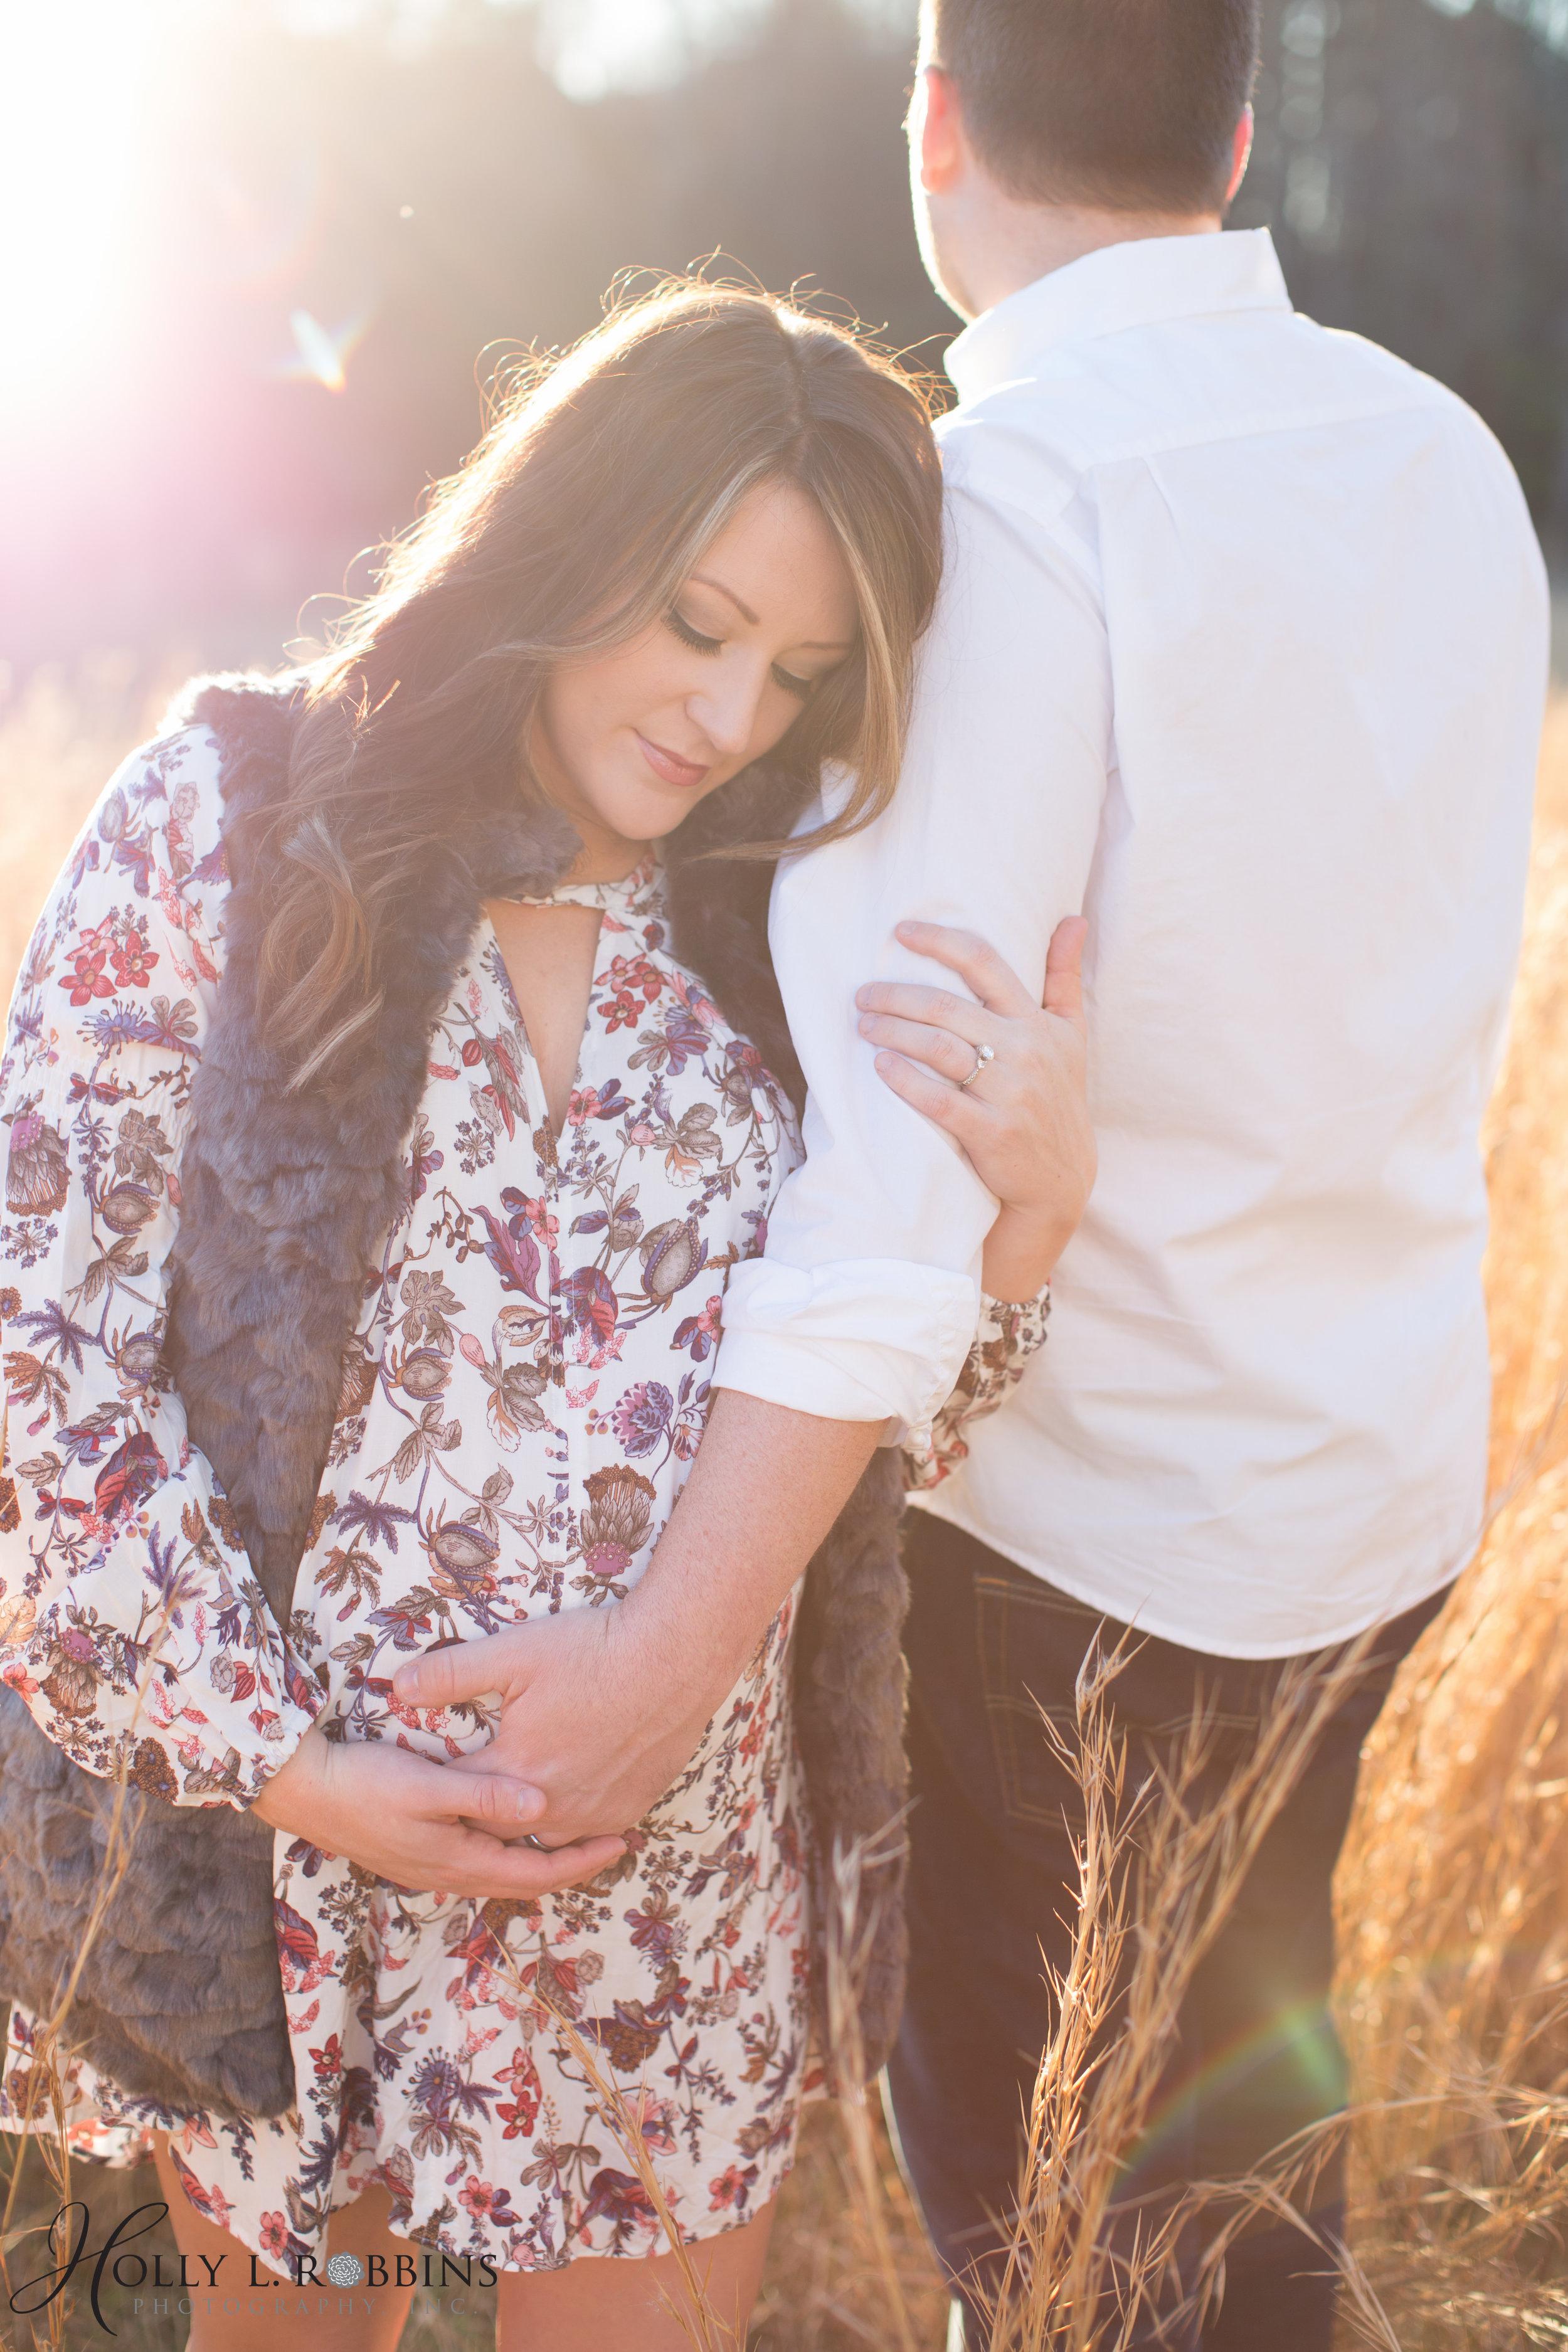 Social_Circle_Ga_Maternity_Photographers_Holly_L_Robbins-8